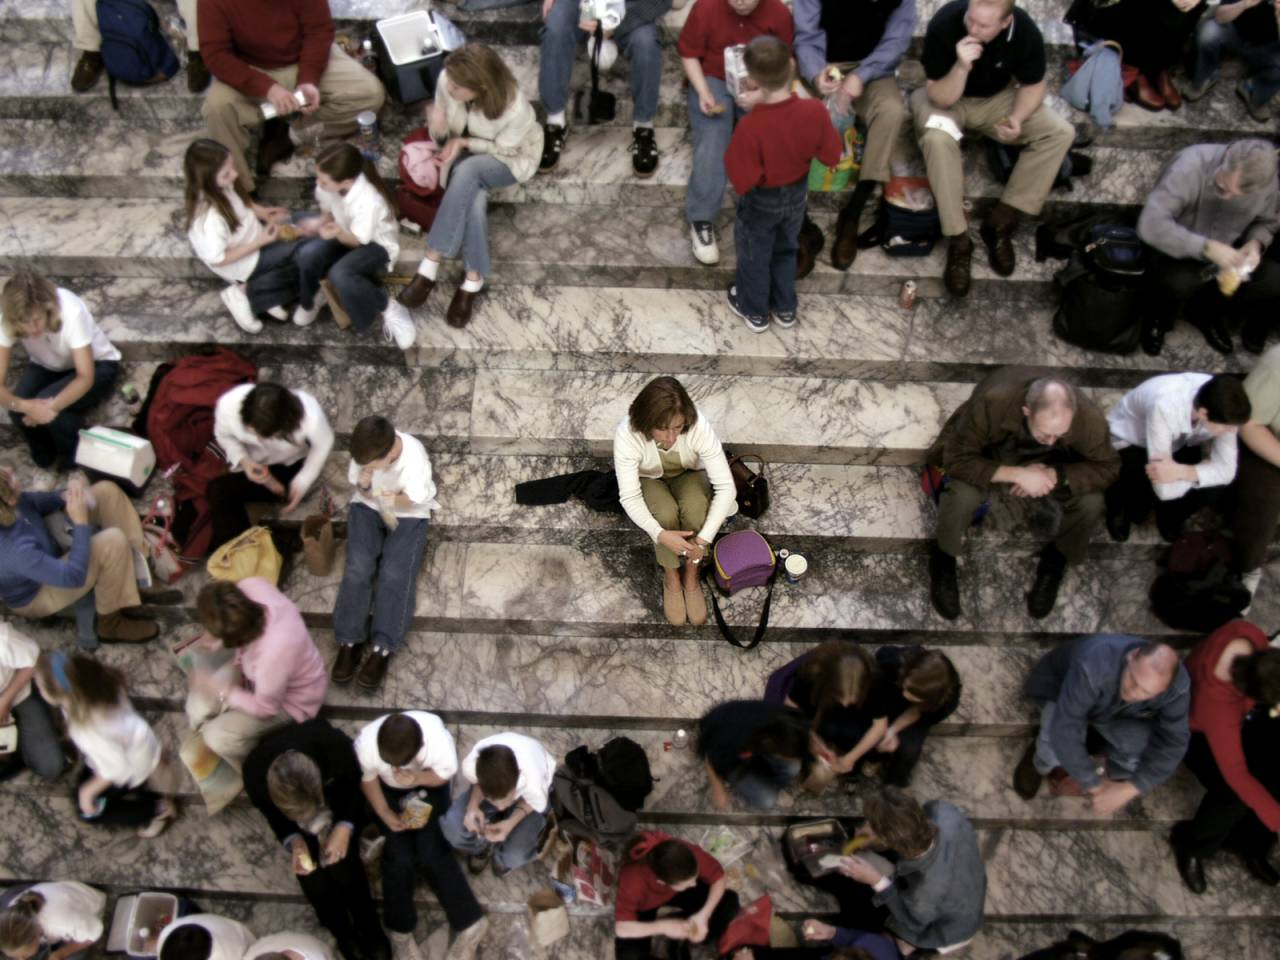 Persona seduta da sola su un gradino in mezzo a tanta agente